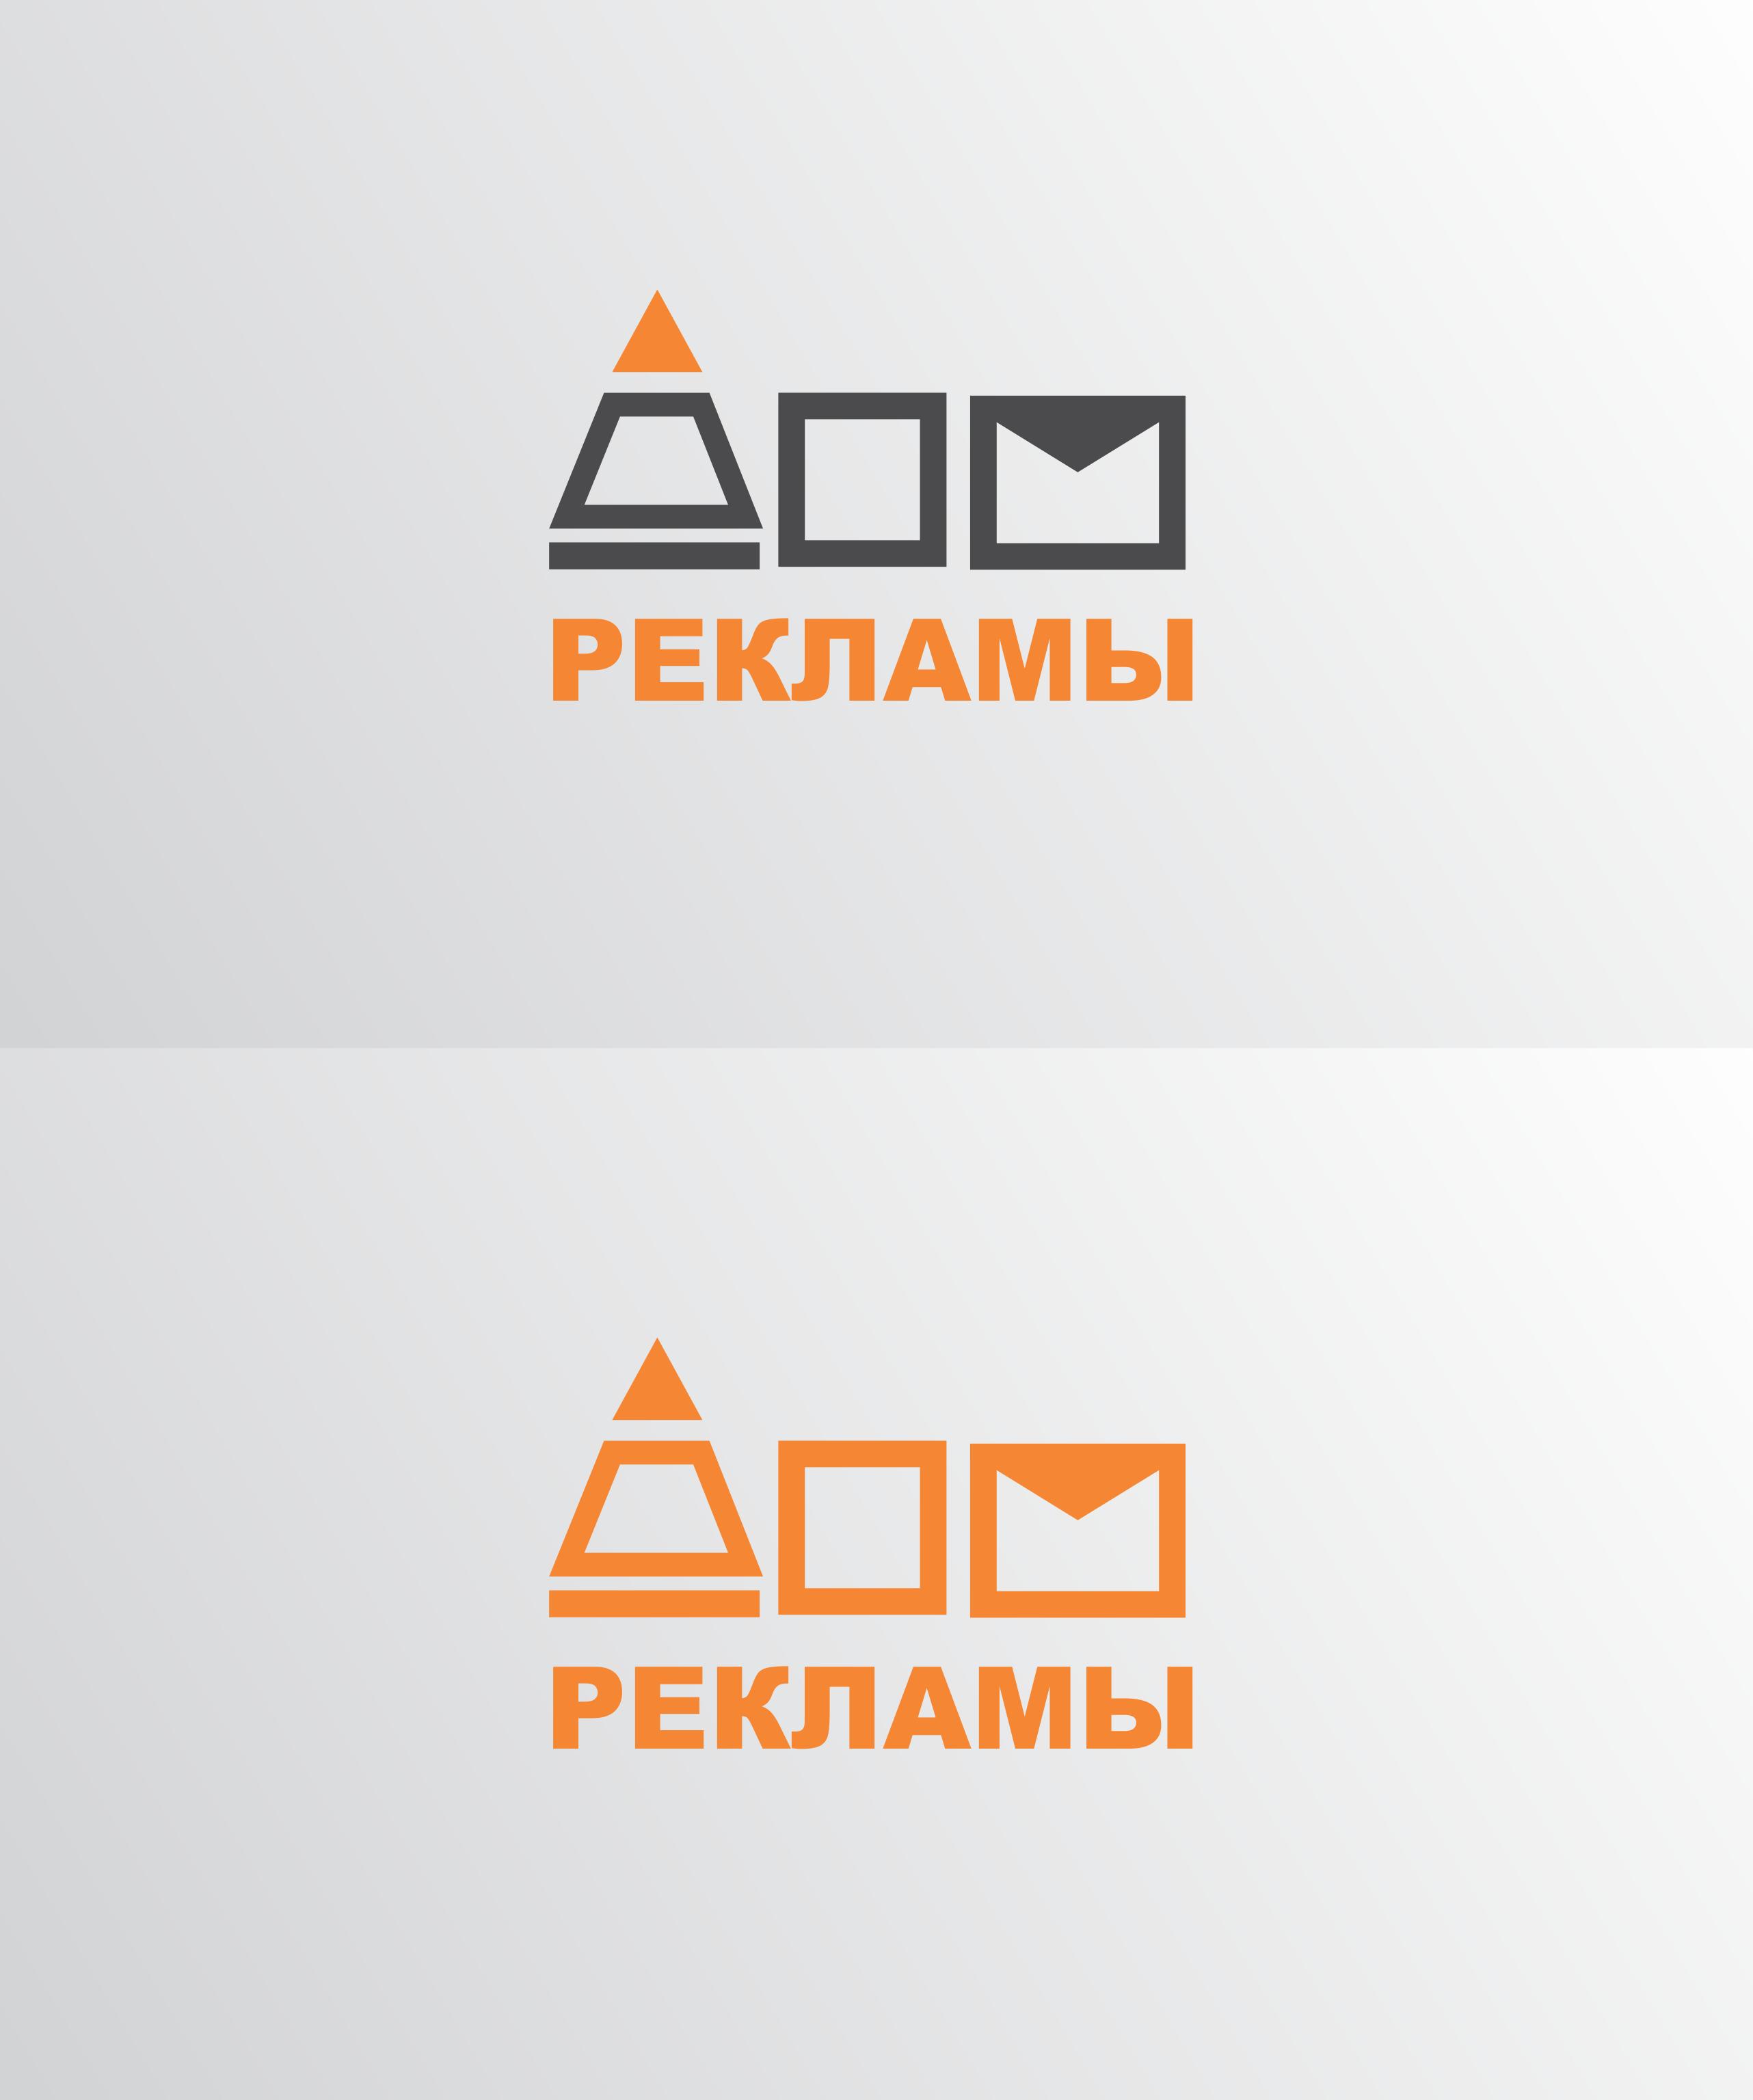 Дизайн логотипа рекламно-производственной компании фото f_3595eda3d34c8538.png